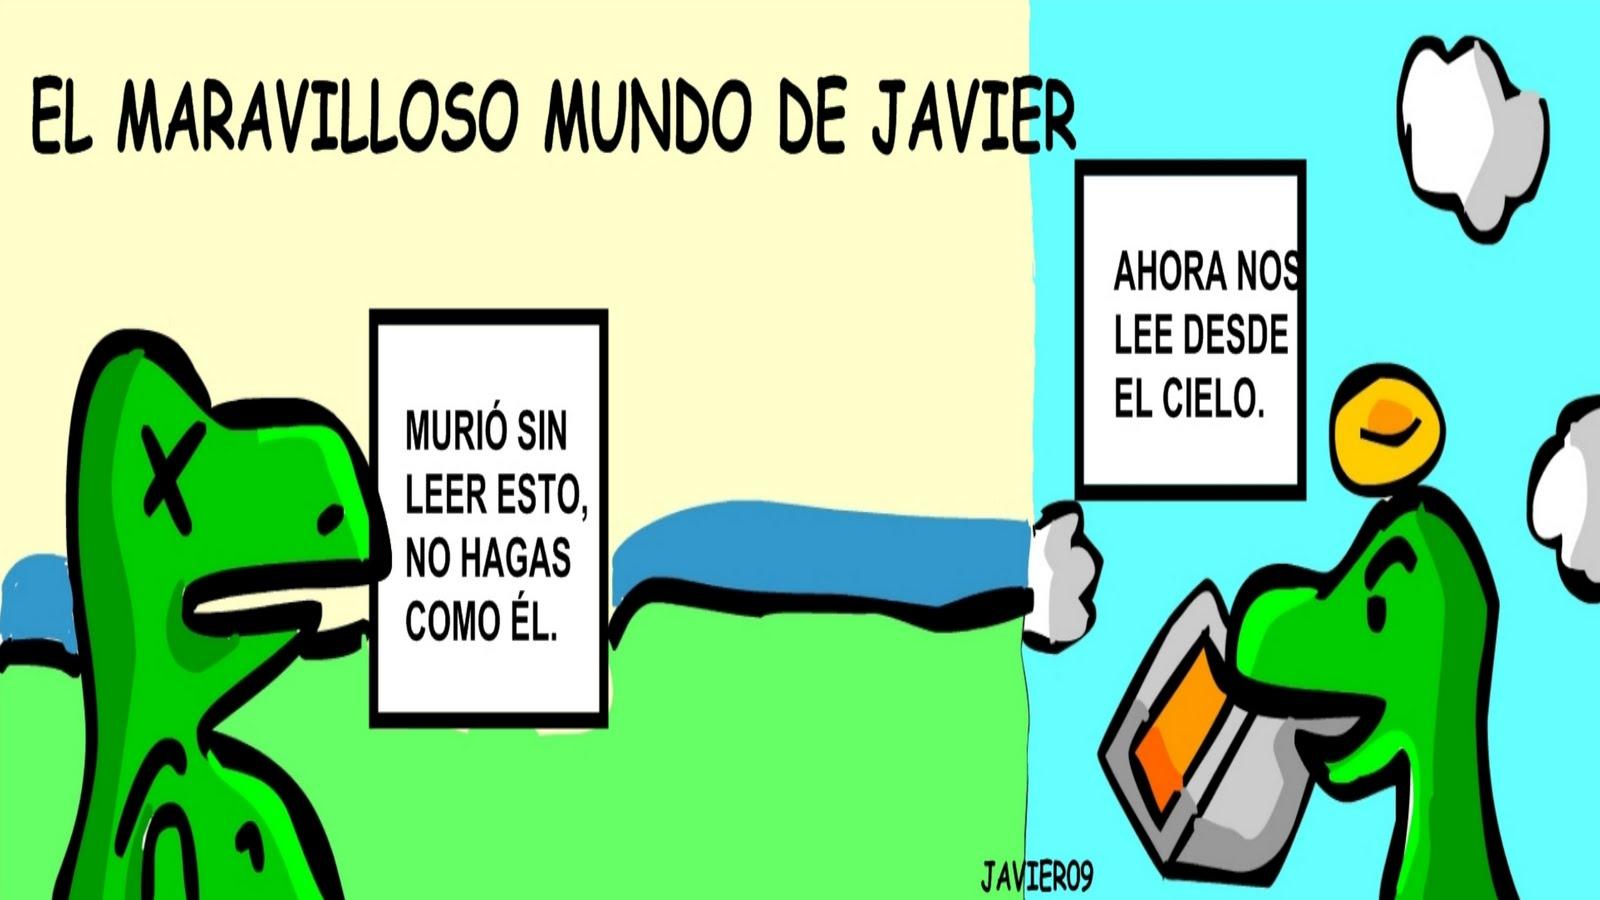 EL MARAVILLOSO MUNDO DE JAVIER